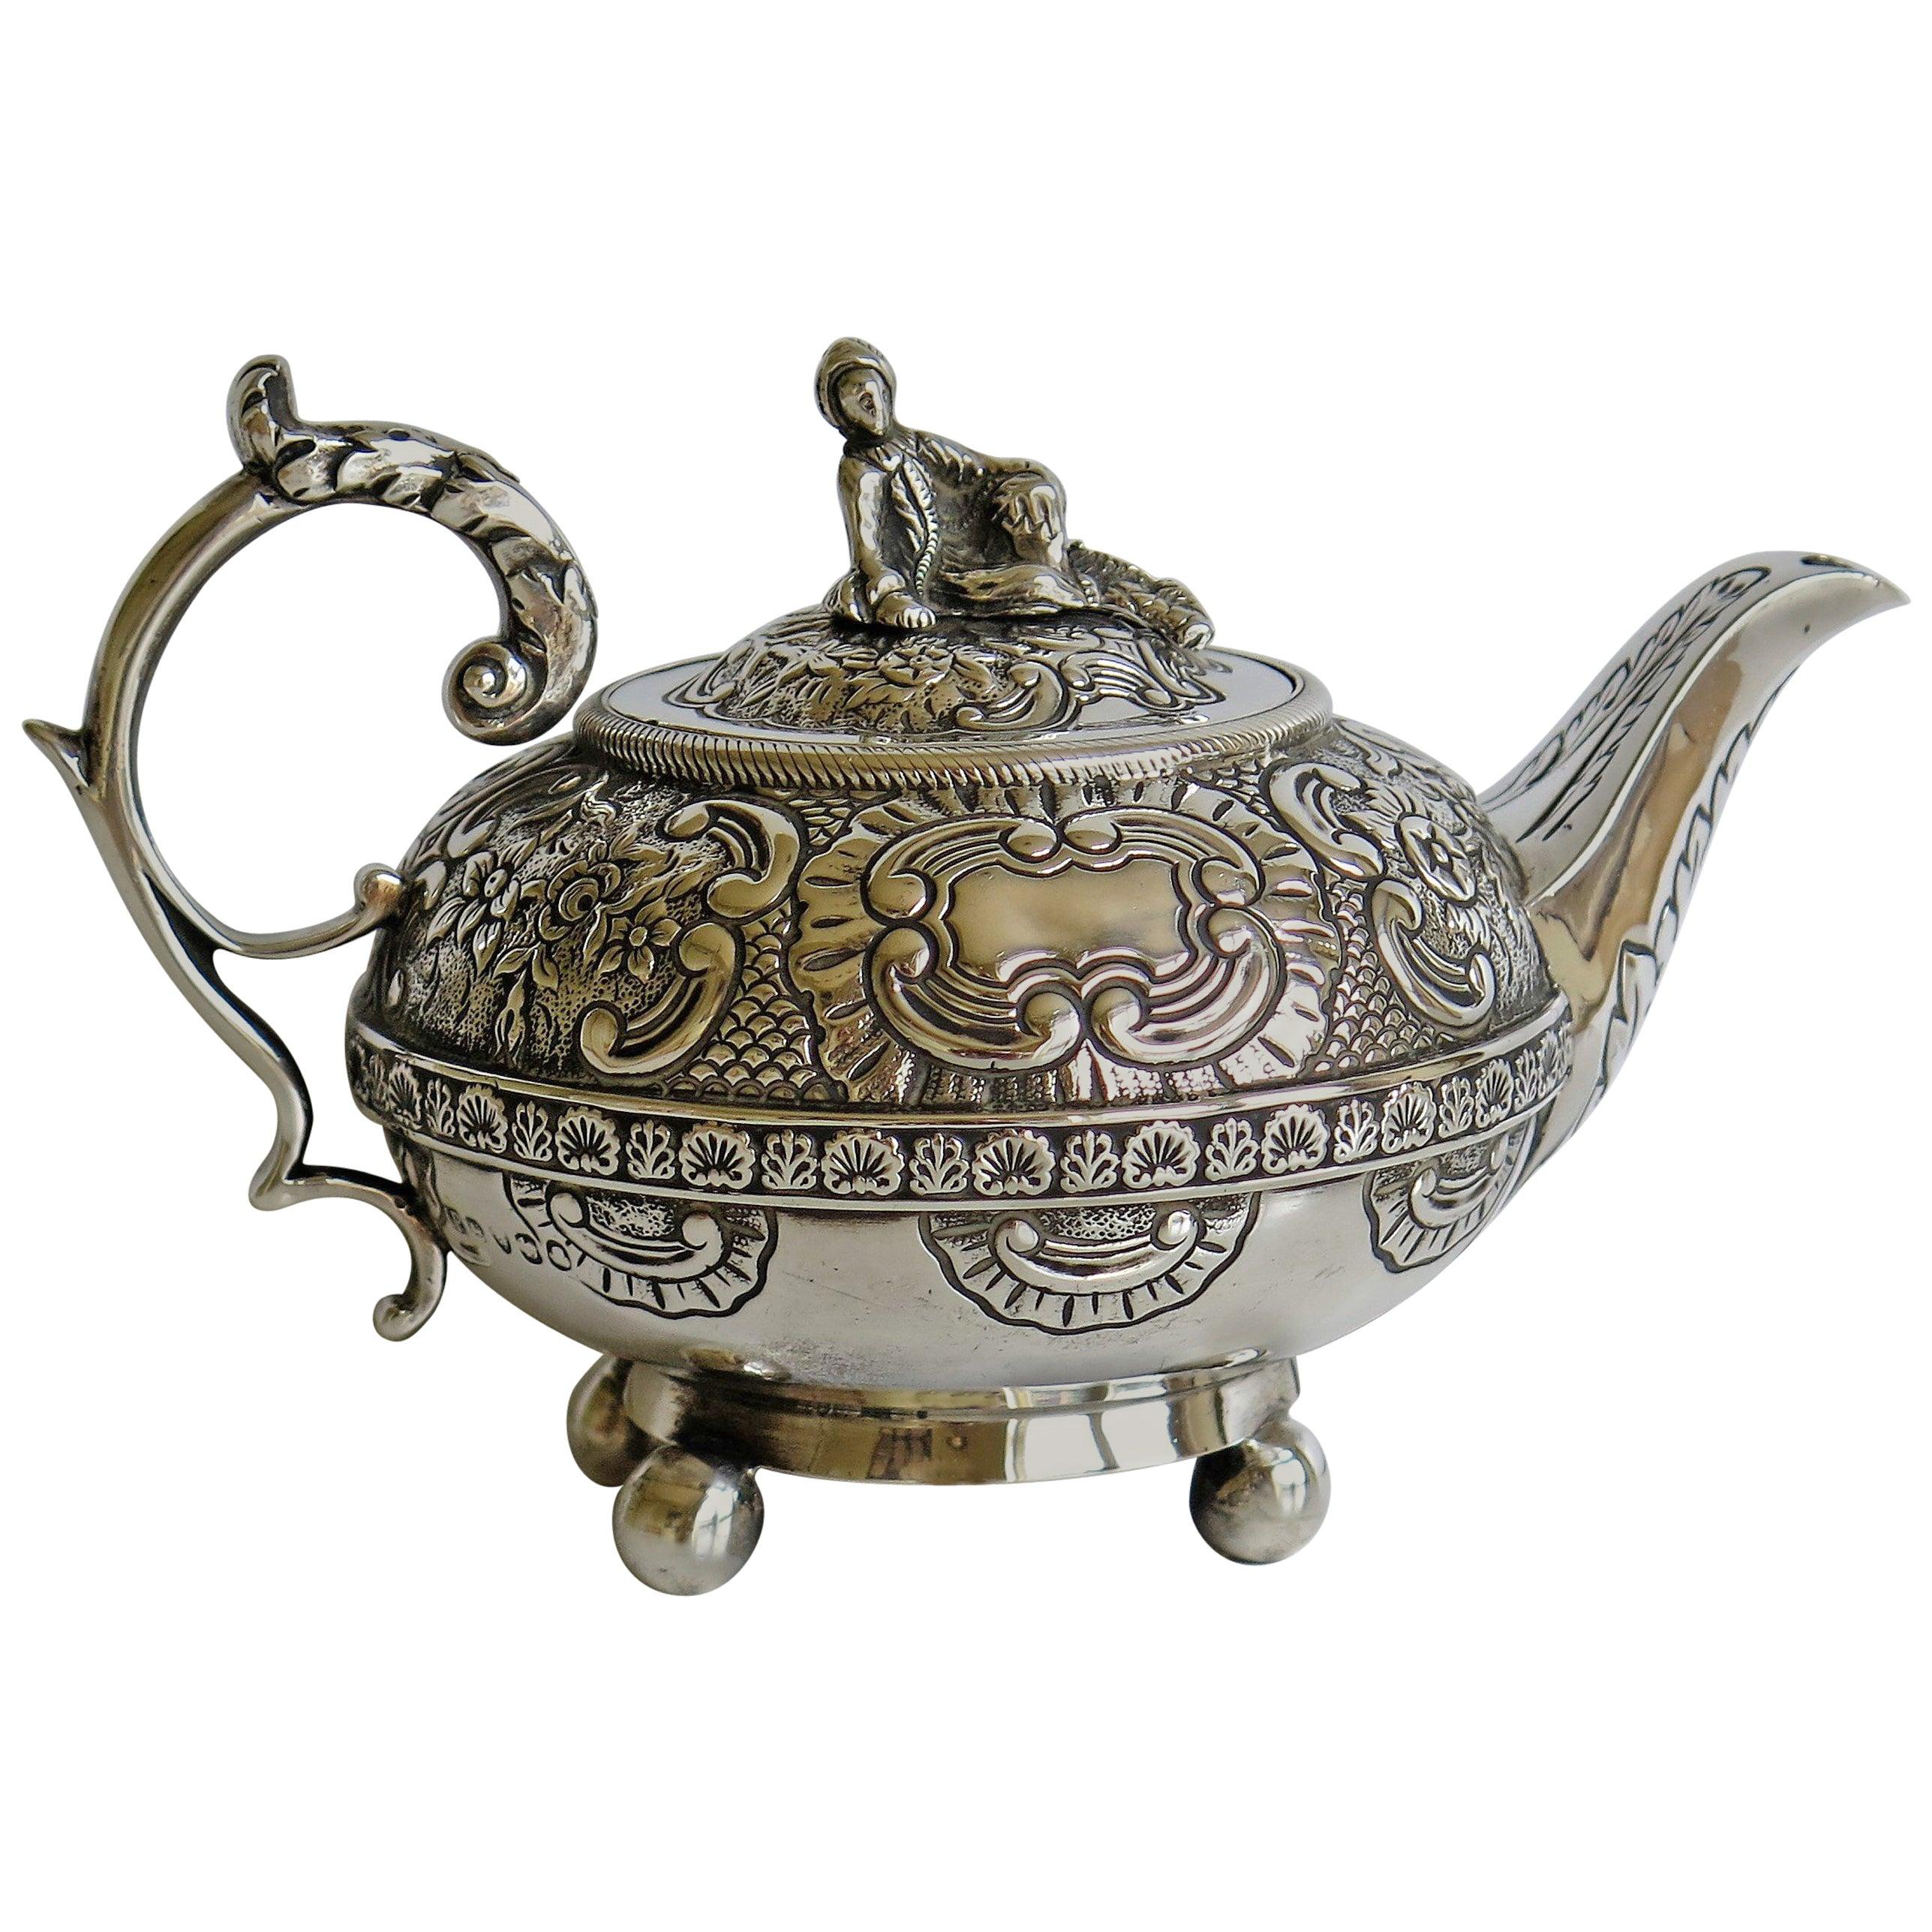 Georgian Bachelors Teapot Sterling Silver by Joseph Preedy, London 1817